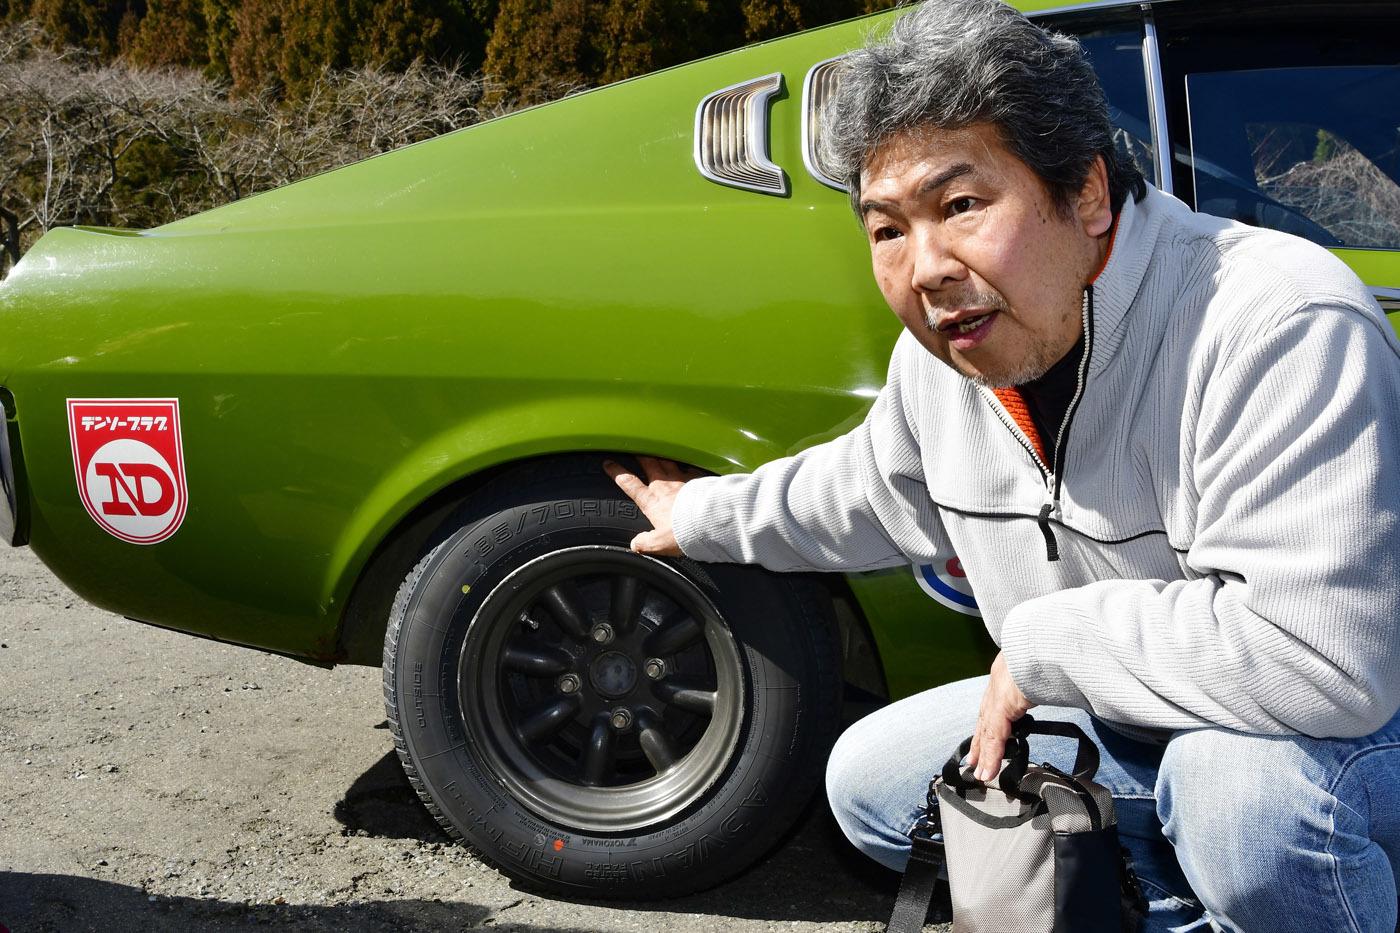 「タイヤを評価するならこの人!」という斎藤聡氏のインプレッションをお届け